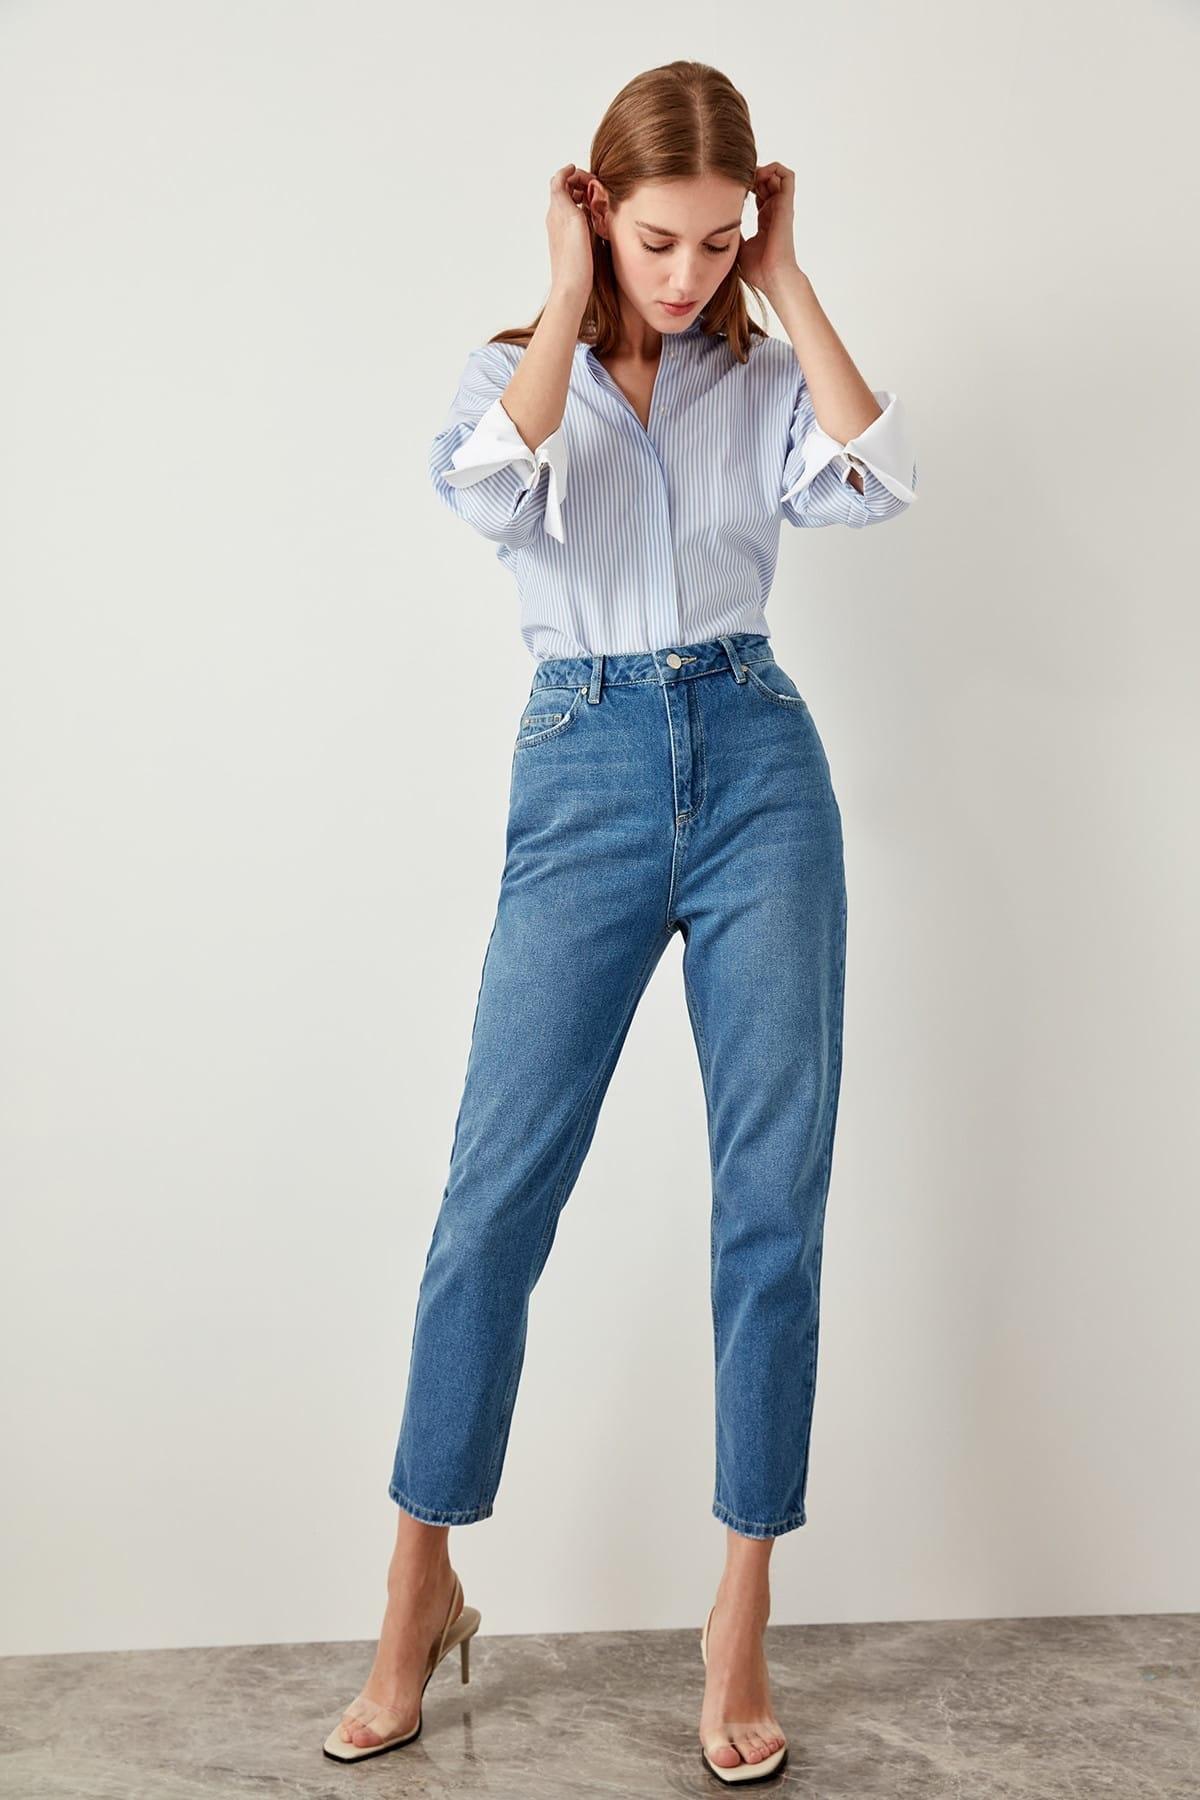 Джинсы с высокой талией для мам, повседневные Прямые джинсы TCLSS19LR0047 синего цвета Джинсы      АлиЭкспресс